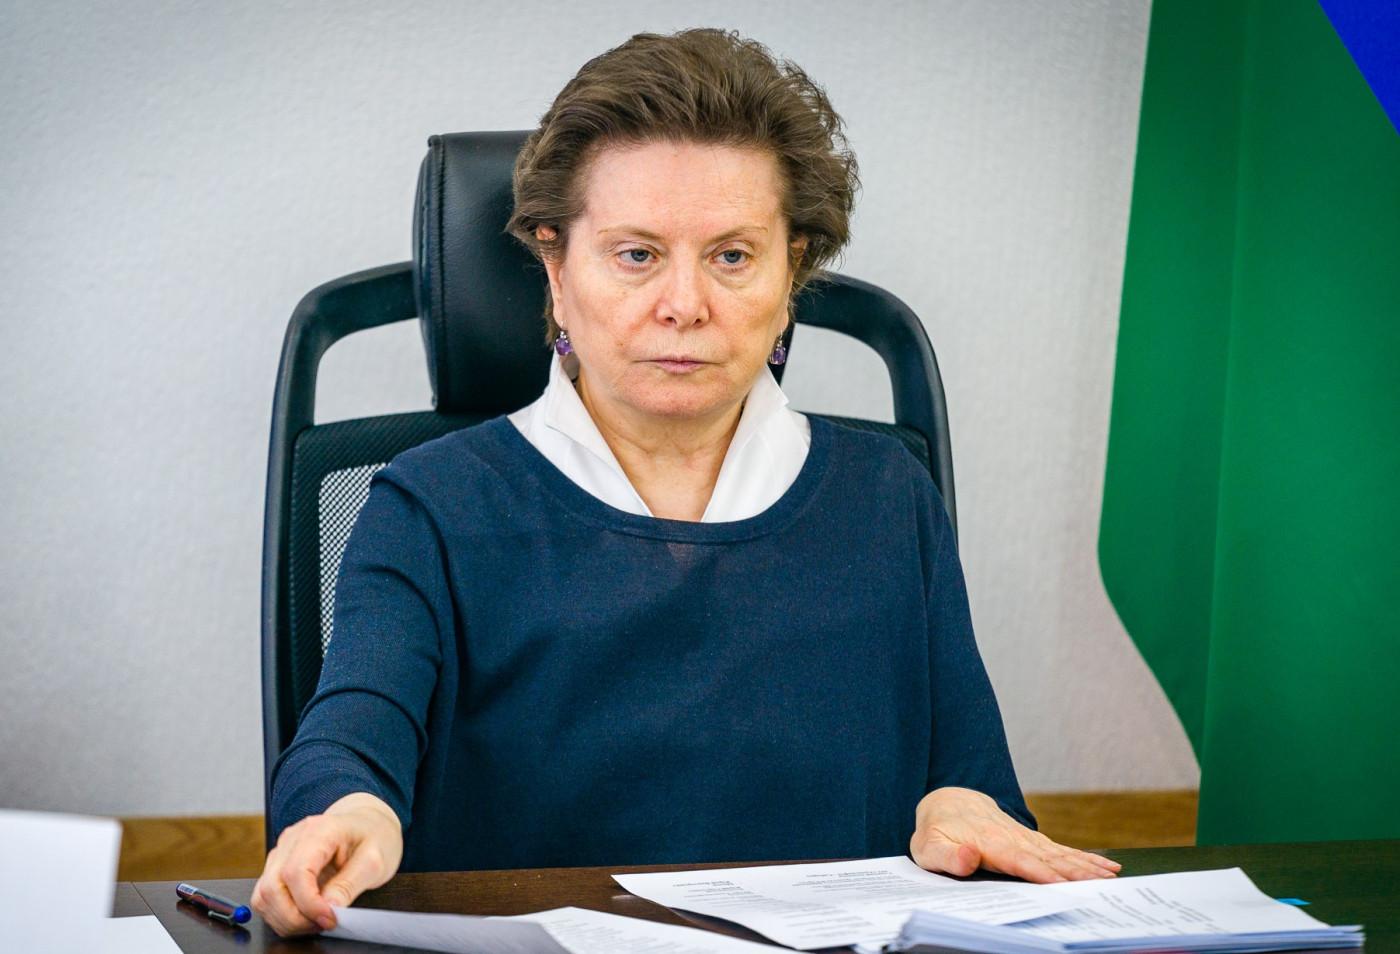 Наталья Комарова ввела дополнительные ограничения в связи с  распространением коронавируса